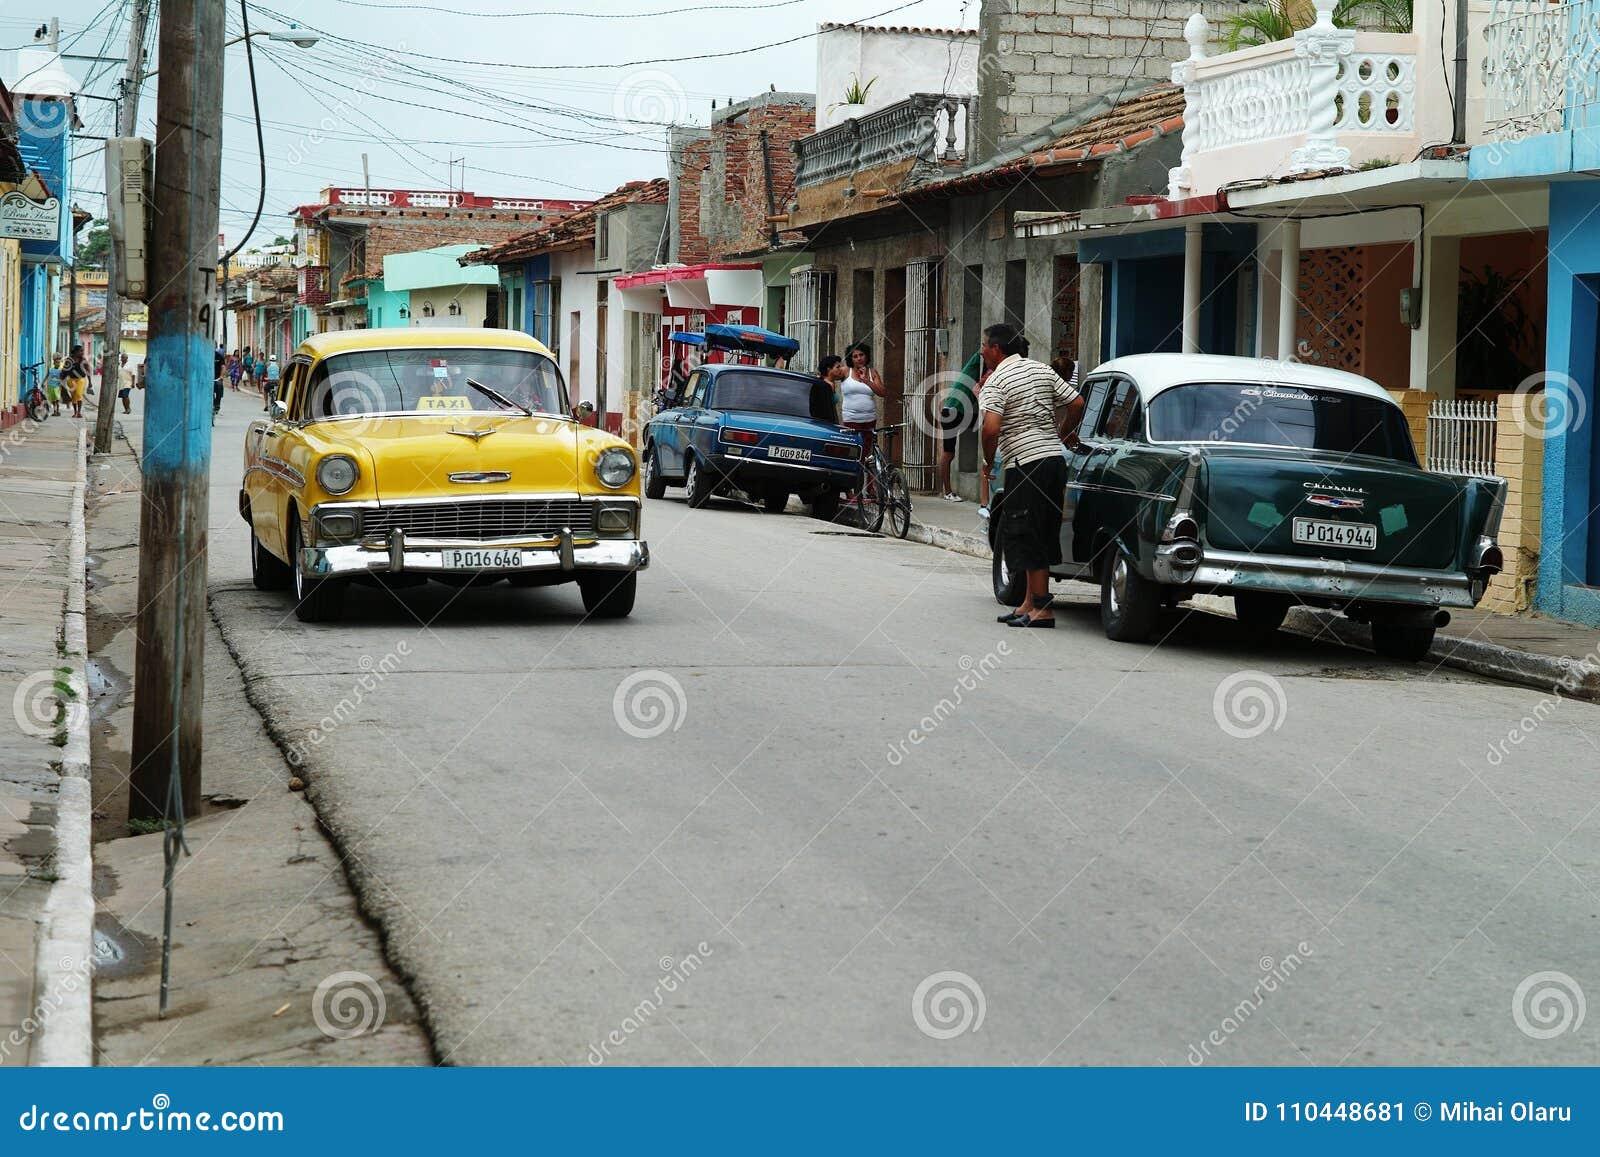 Le Trinidad, Cuba, le 5 juin 2016 : Vieilles voitures sur les rues du Trinidad